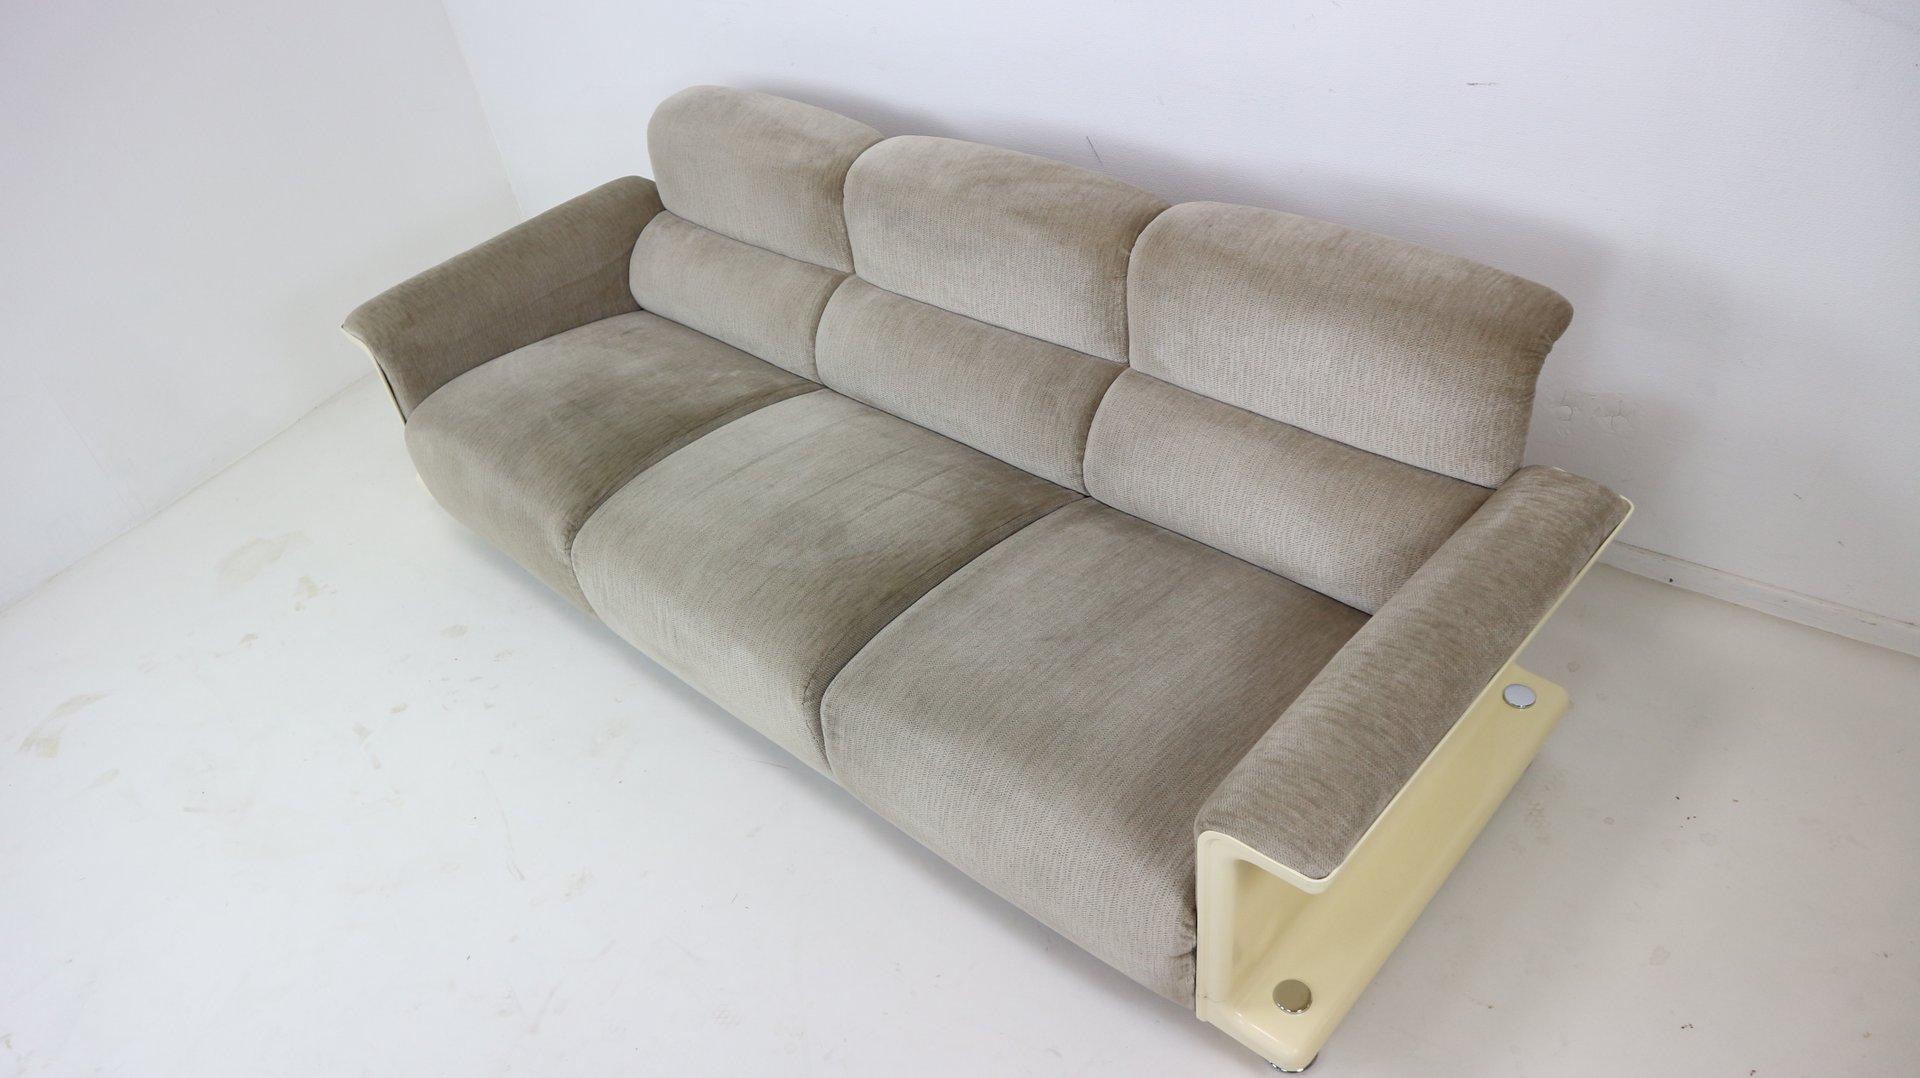 canap trois places bz29 par gerd lange pour t 39 spectrum 1970s en vente sur pamono. Black Bedroom Furniture Sets. Home Design Ideas